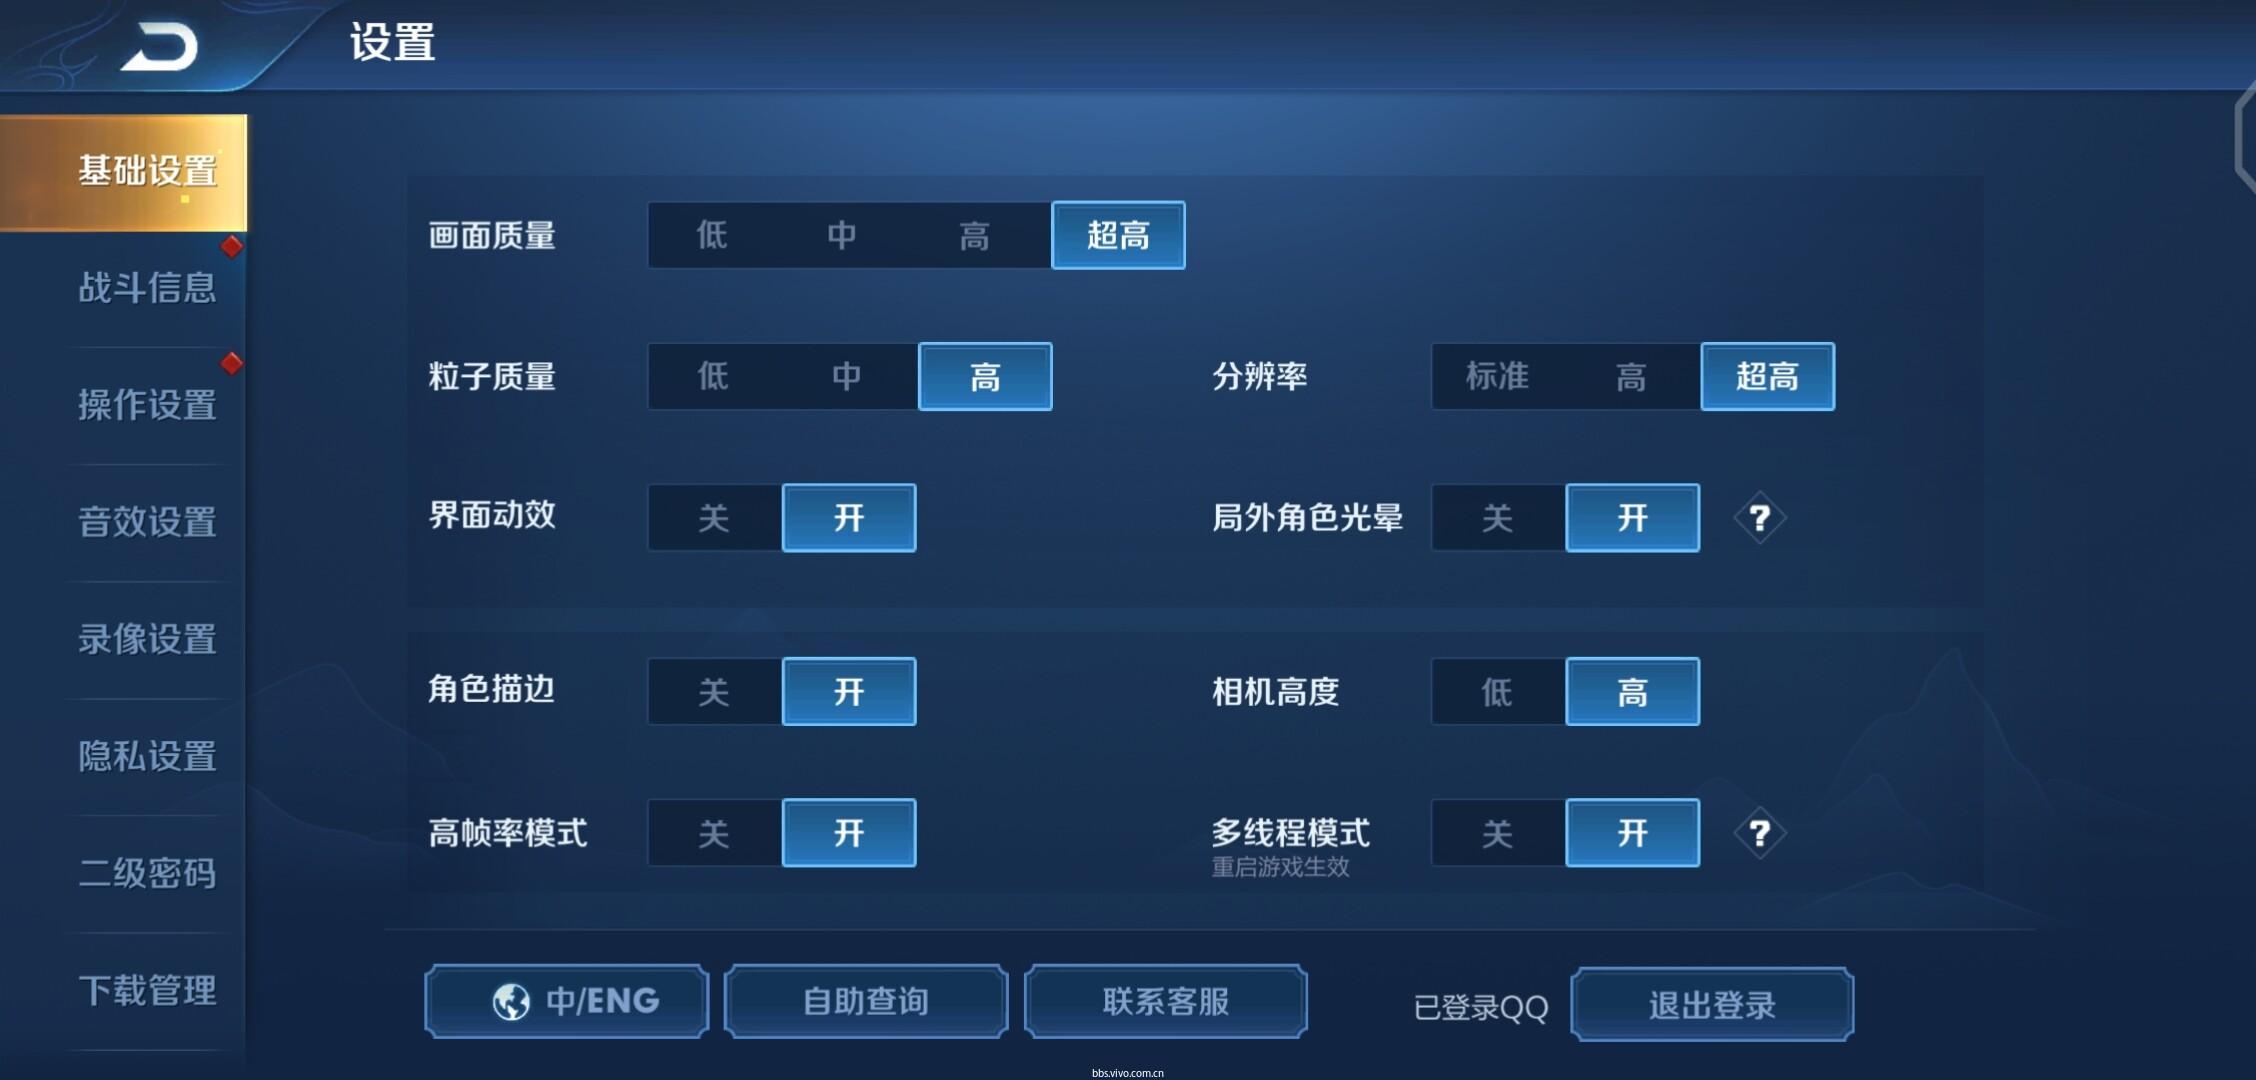 Screenshot_20200323_205201.jpg